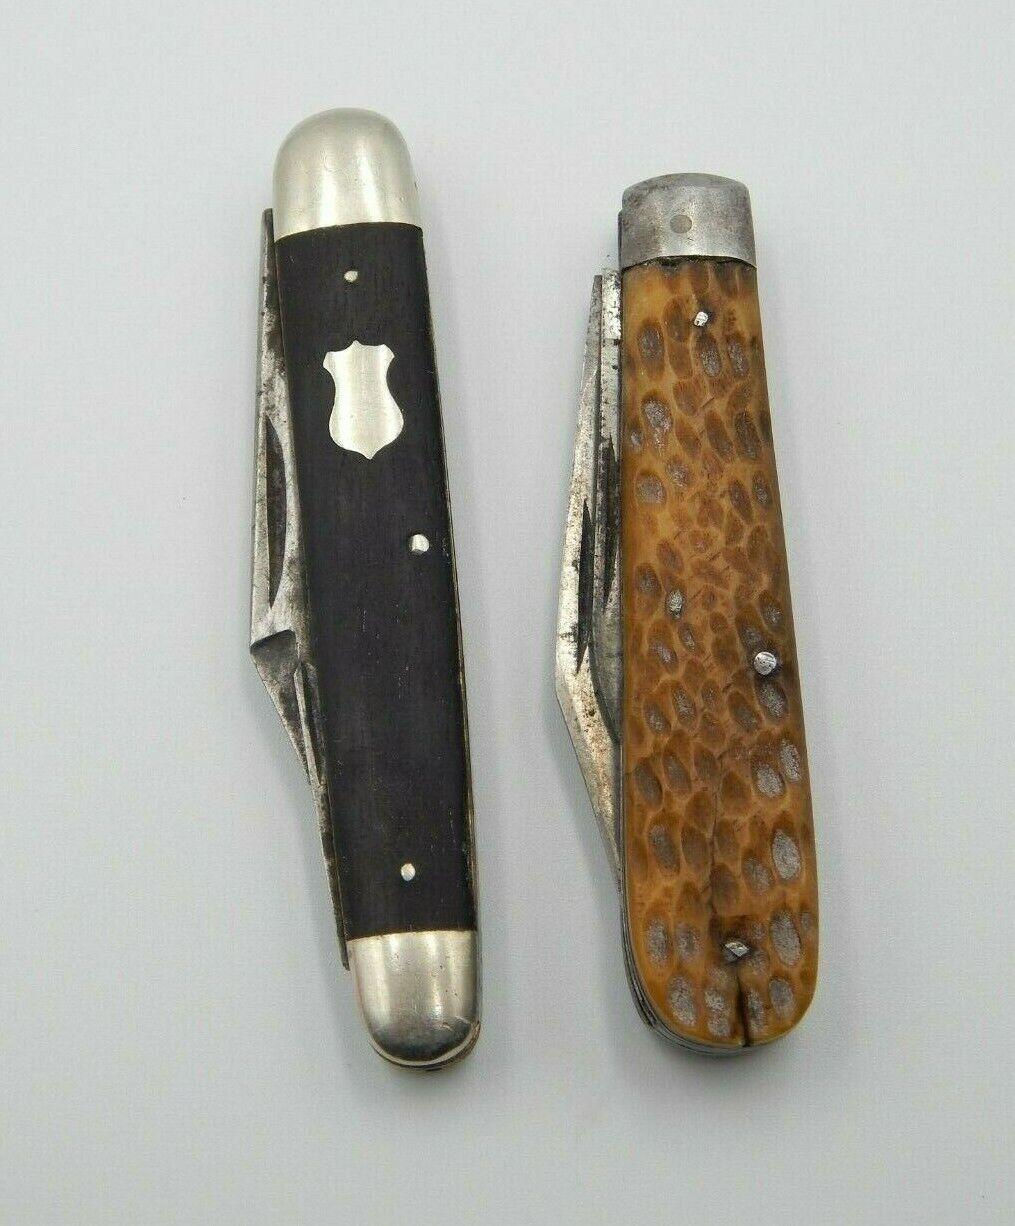 2 - Vintage Hibbard Spencer & Bartlett Co. OVB Pocket Knife 2 & 3 Blade (BT172)